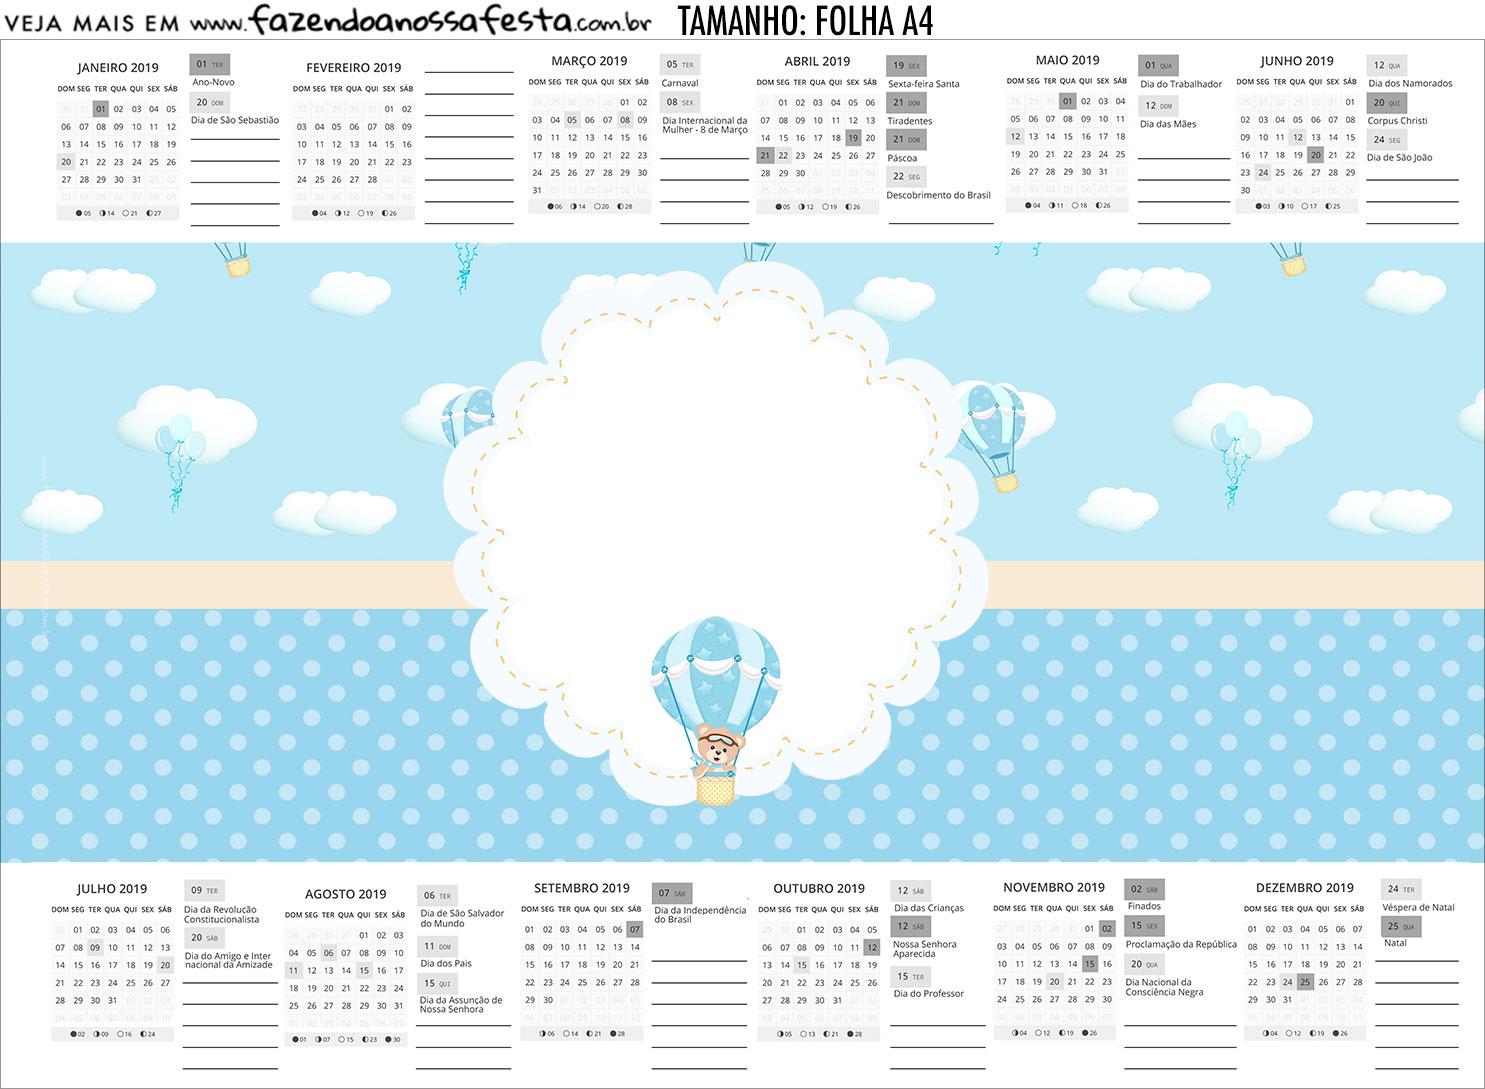 Calendario Personalizado 2019 Ursinho Baloeiro